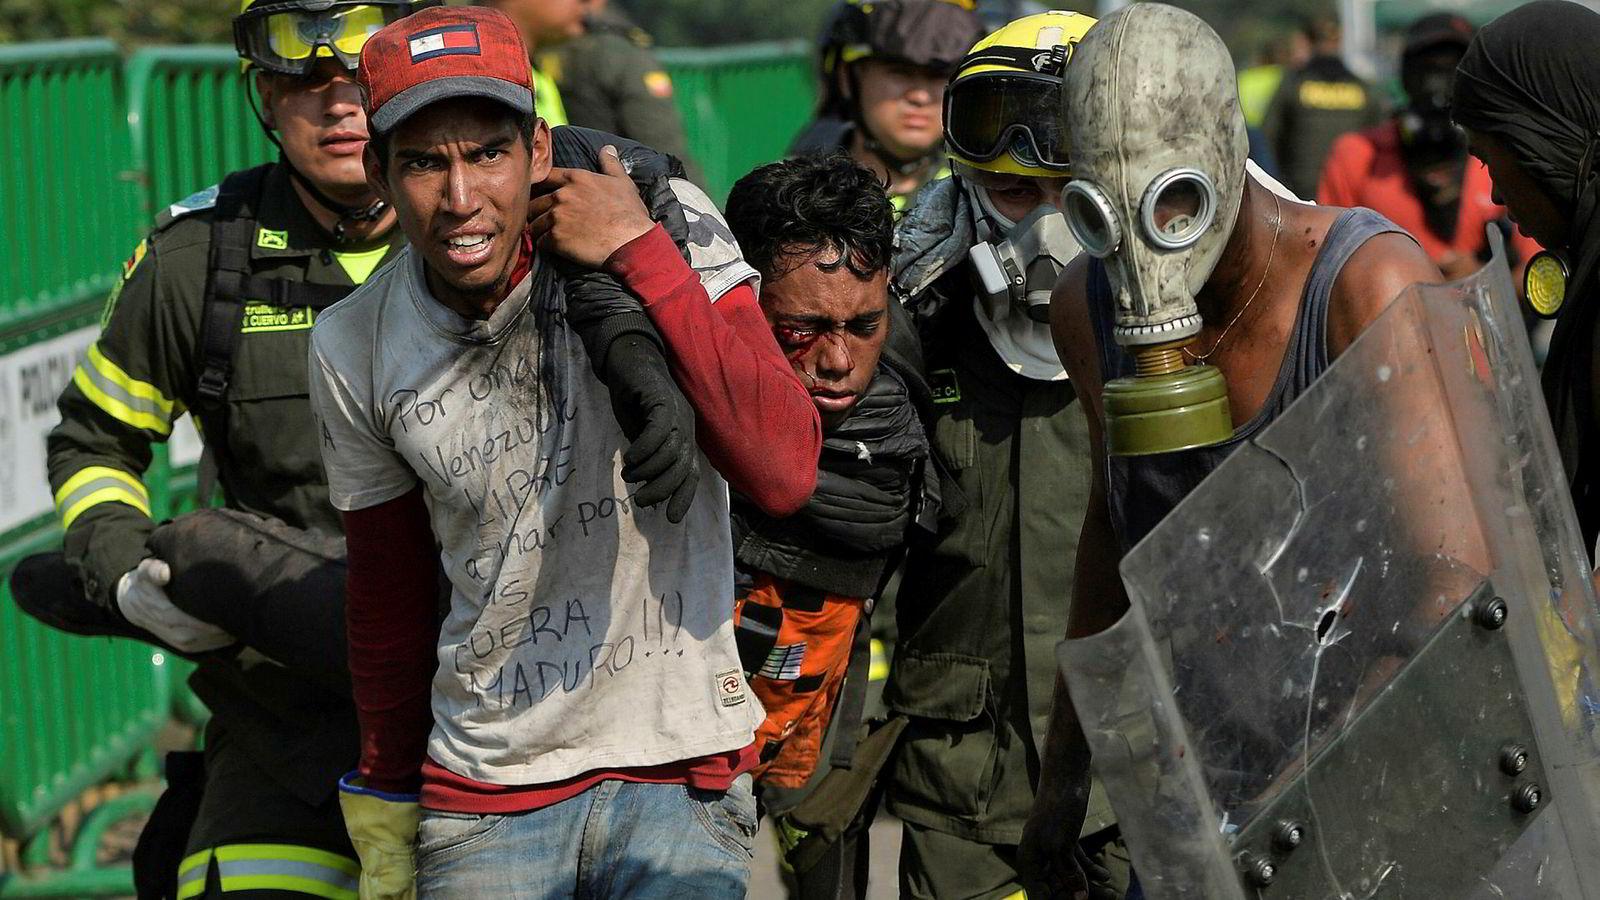 Der mandatet mangler, men katastrofen er et faktum, vil i alle fall jeg mene at man skal intervenere. Dette gjelder også der folket lider i den grad vi ser i Venezuela. Men der en stat legges under press av stormakter uten at det er slike motiver, er innblandingen uakseptabel.